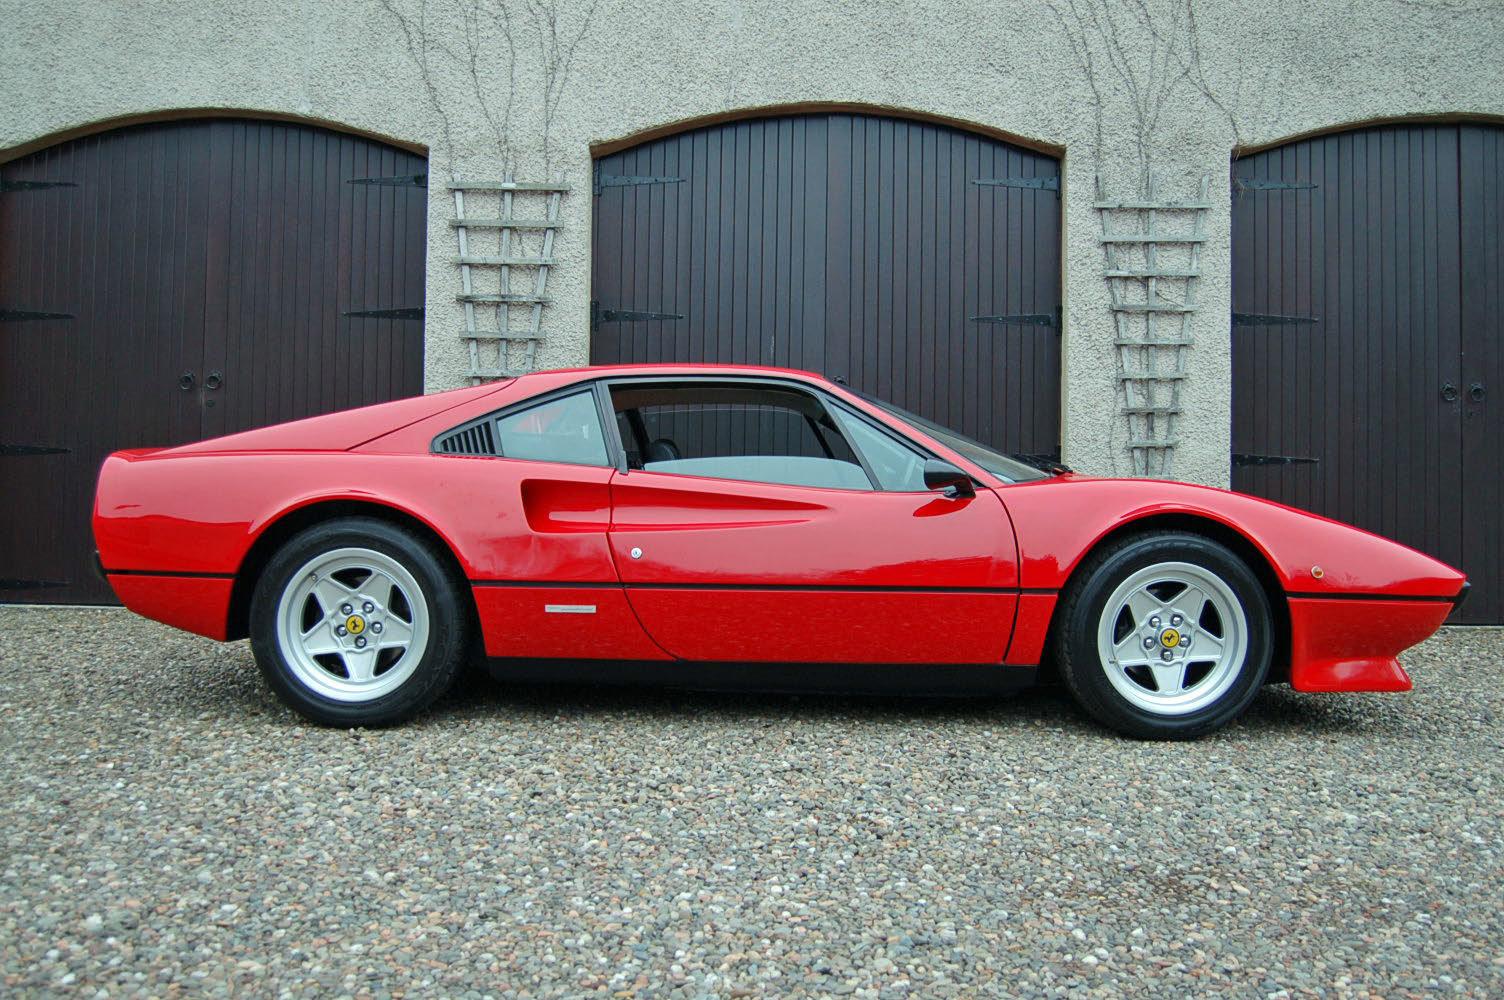 1976 Ferrari 308 GTB Vetroresina For Sale (picture 1 of 6)